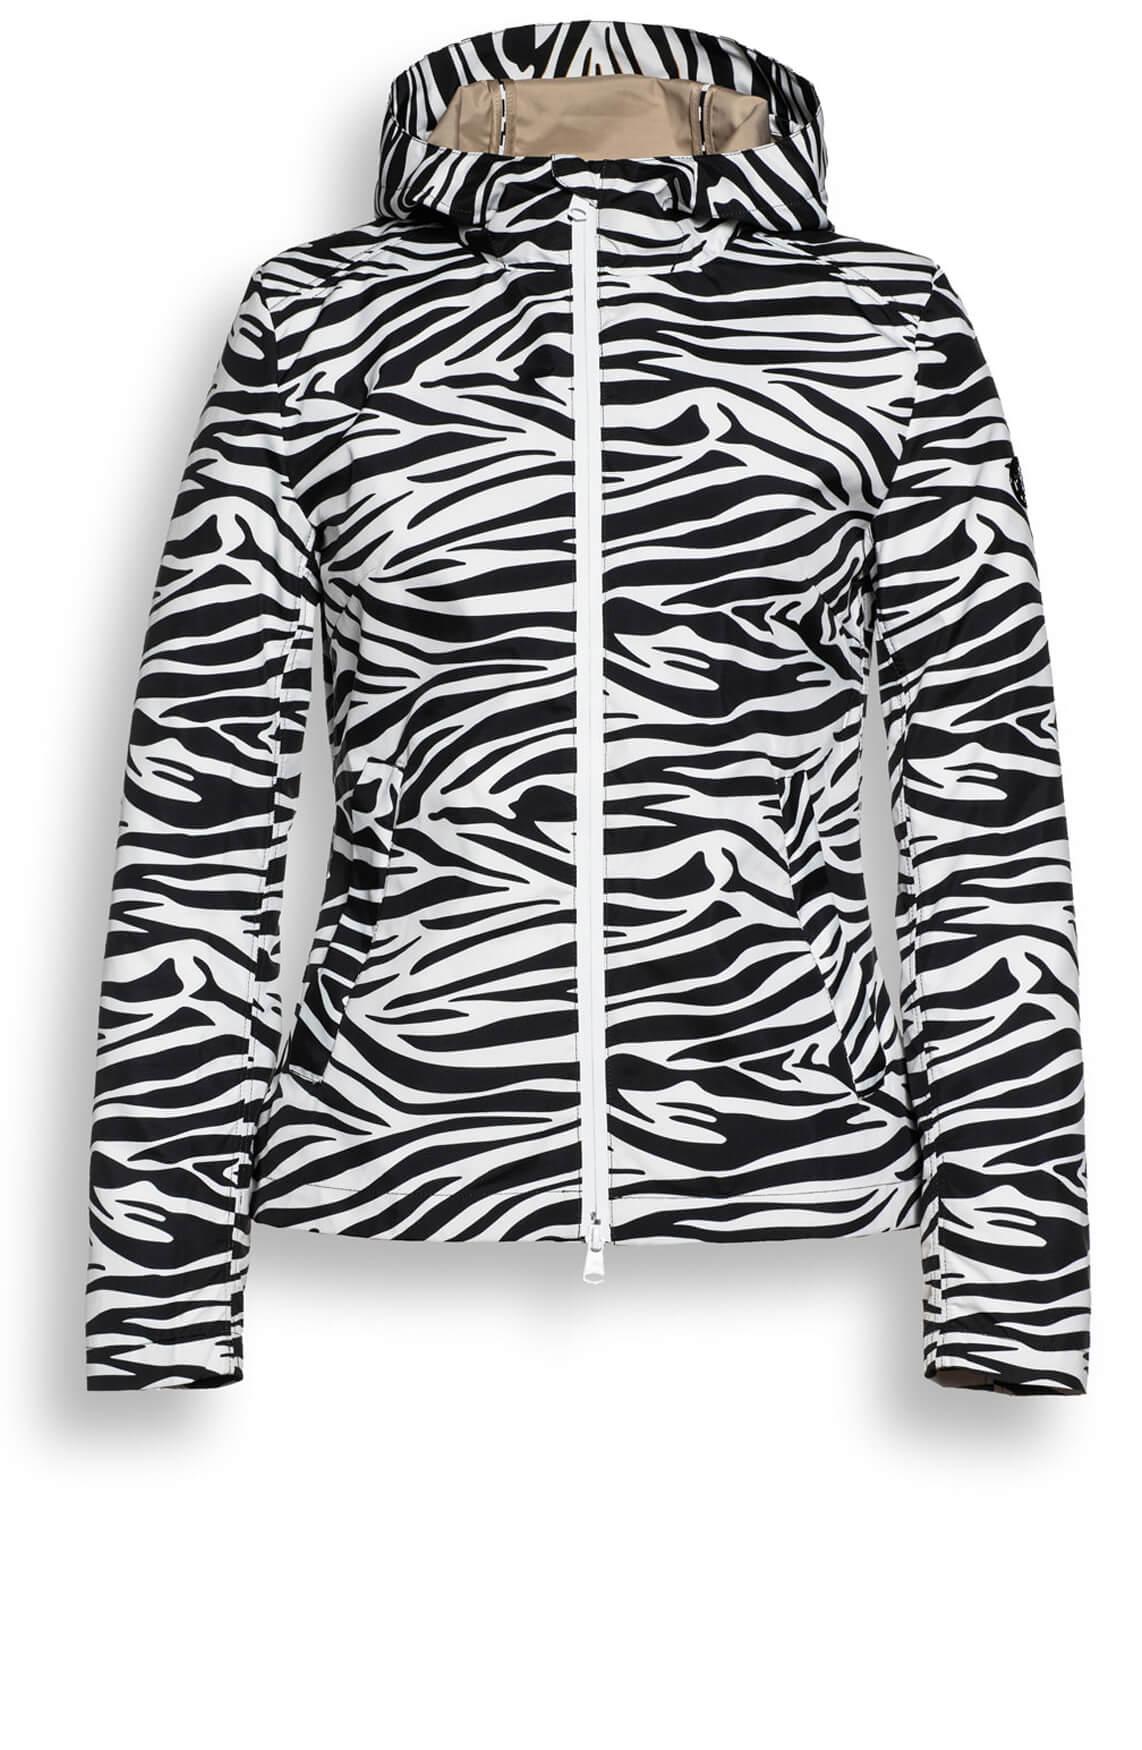 Beaumont Dames Korte jas met zebraprint zwart